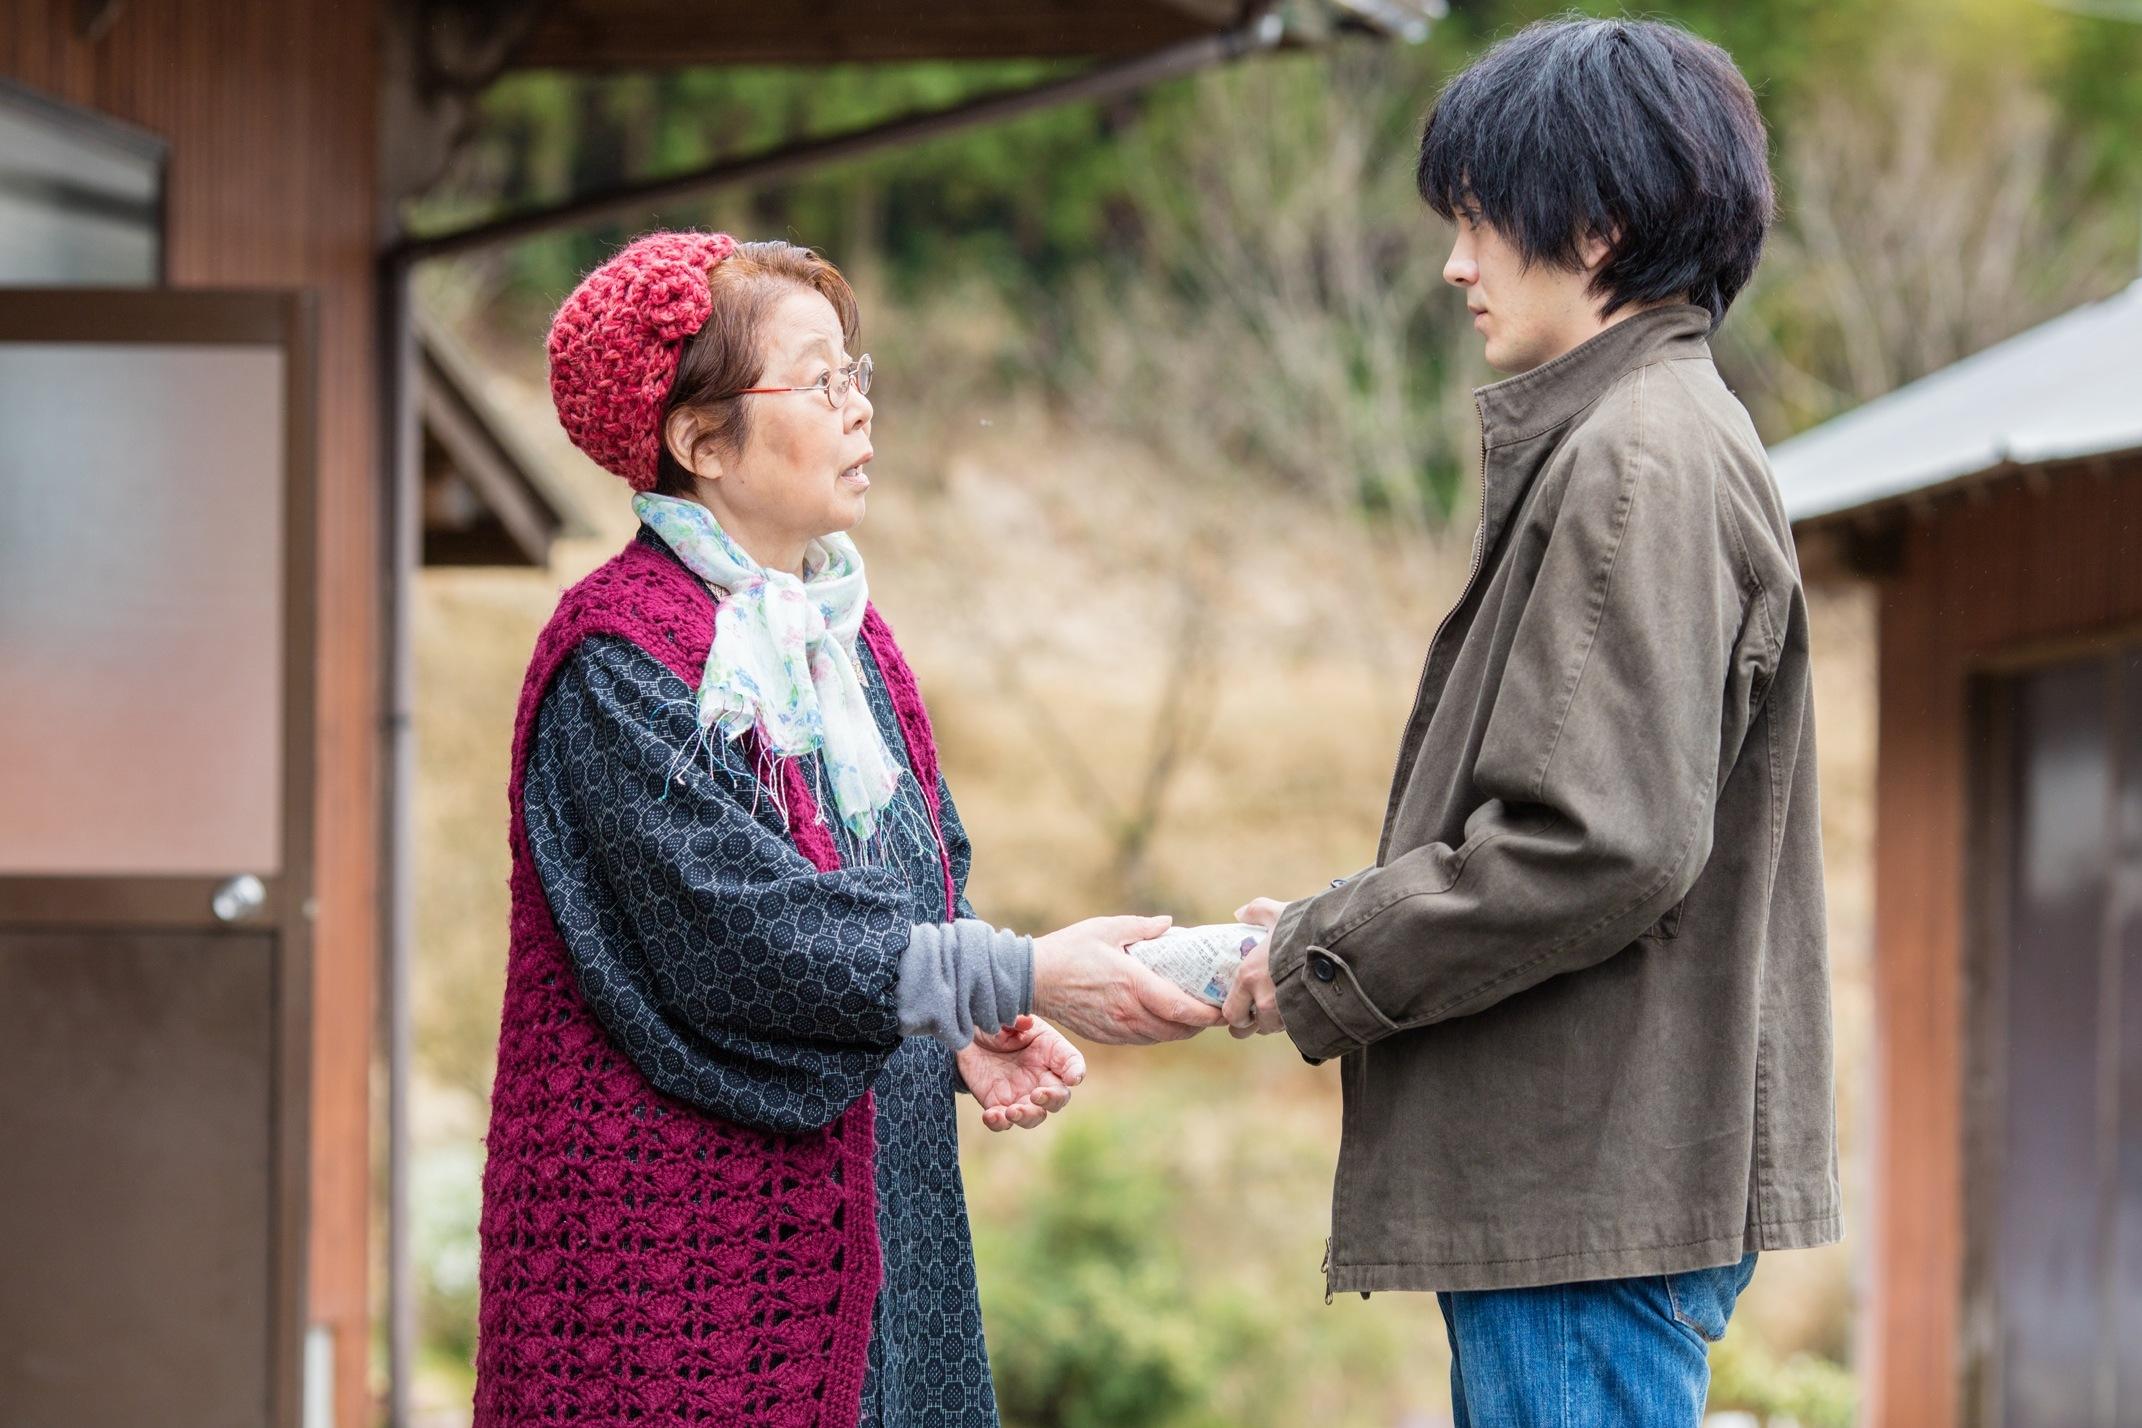 『しゃぼん玉』劇中より (C)2016「しゃぼん玉」製作委員会